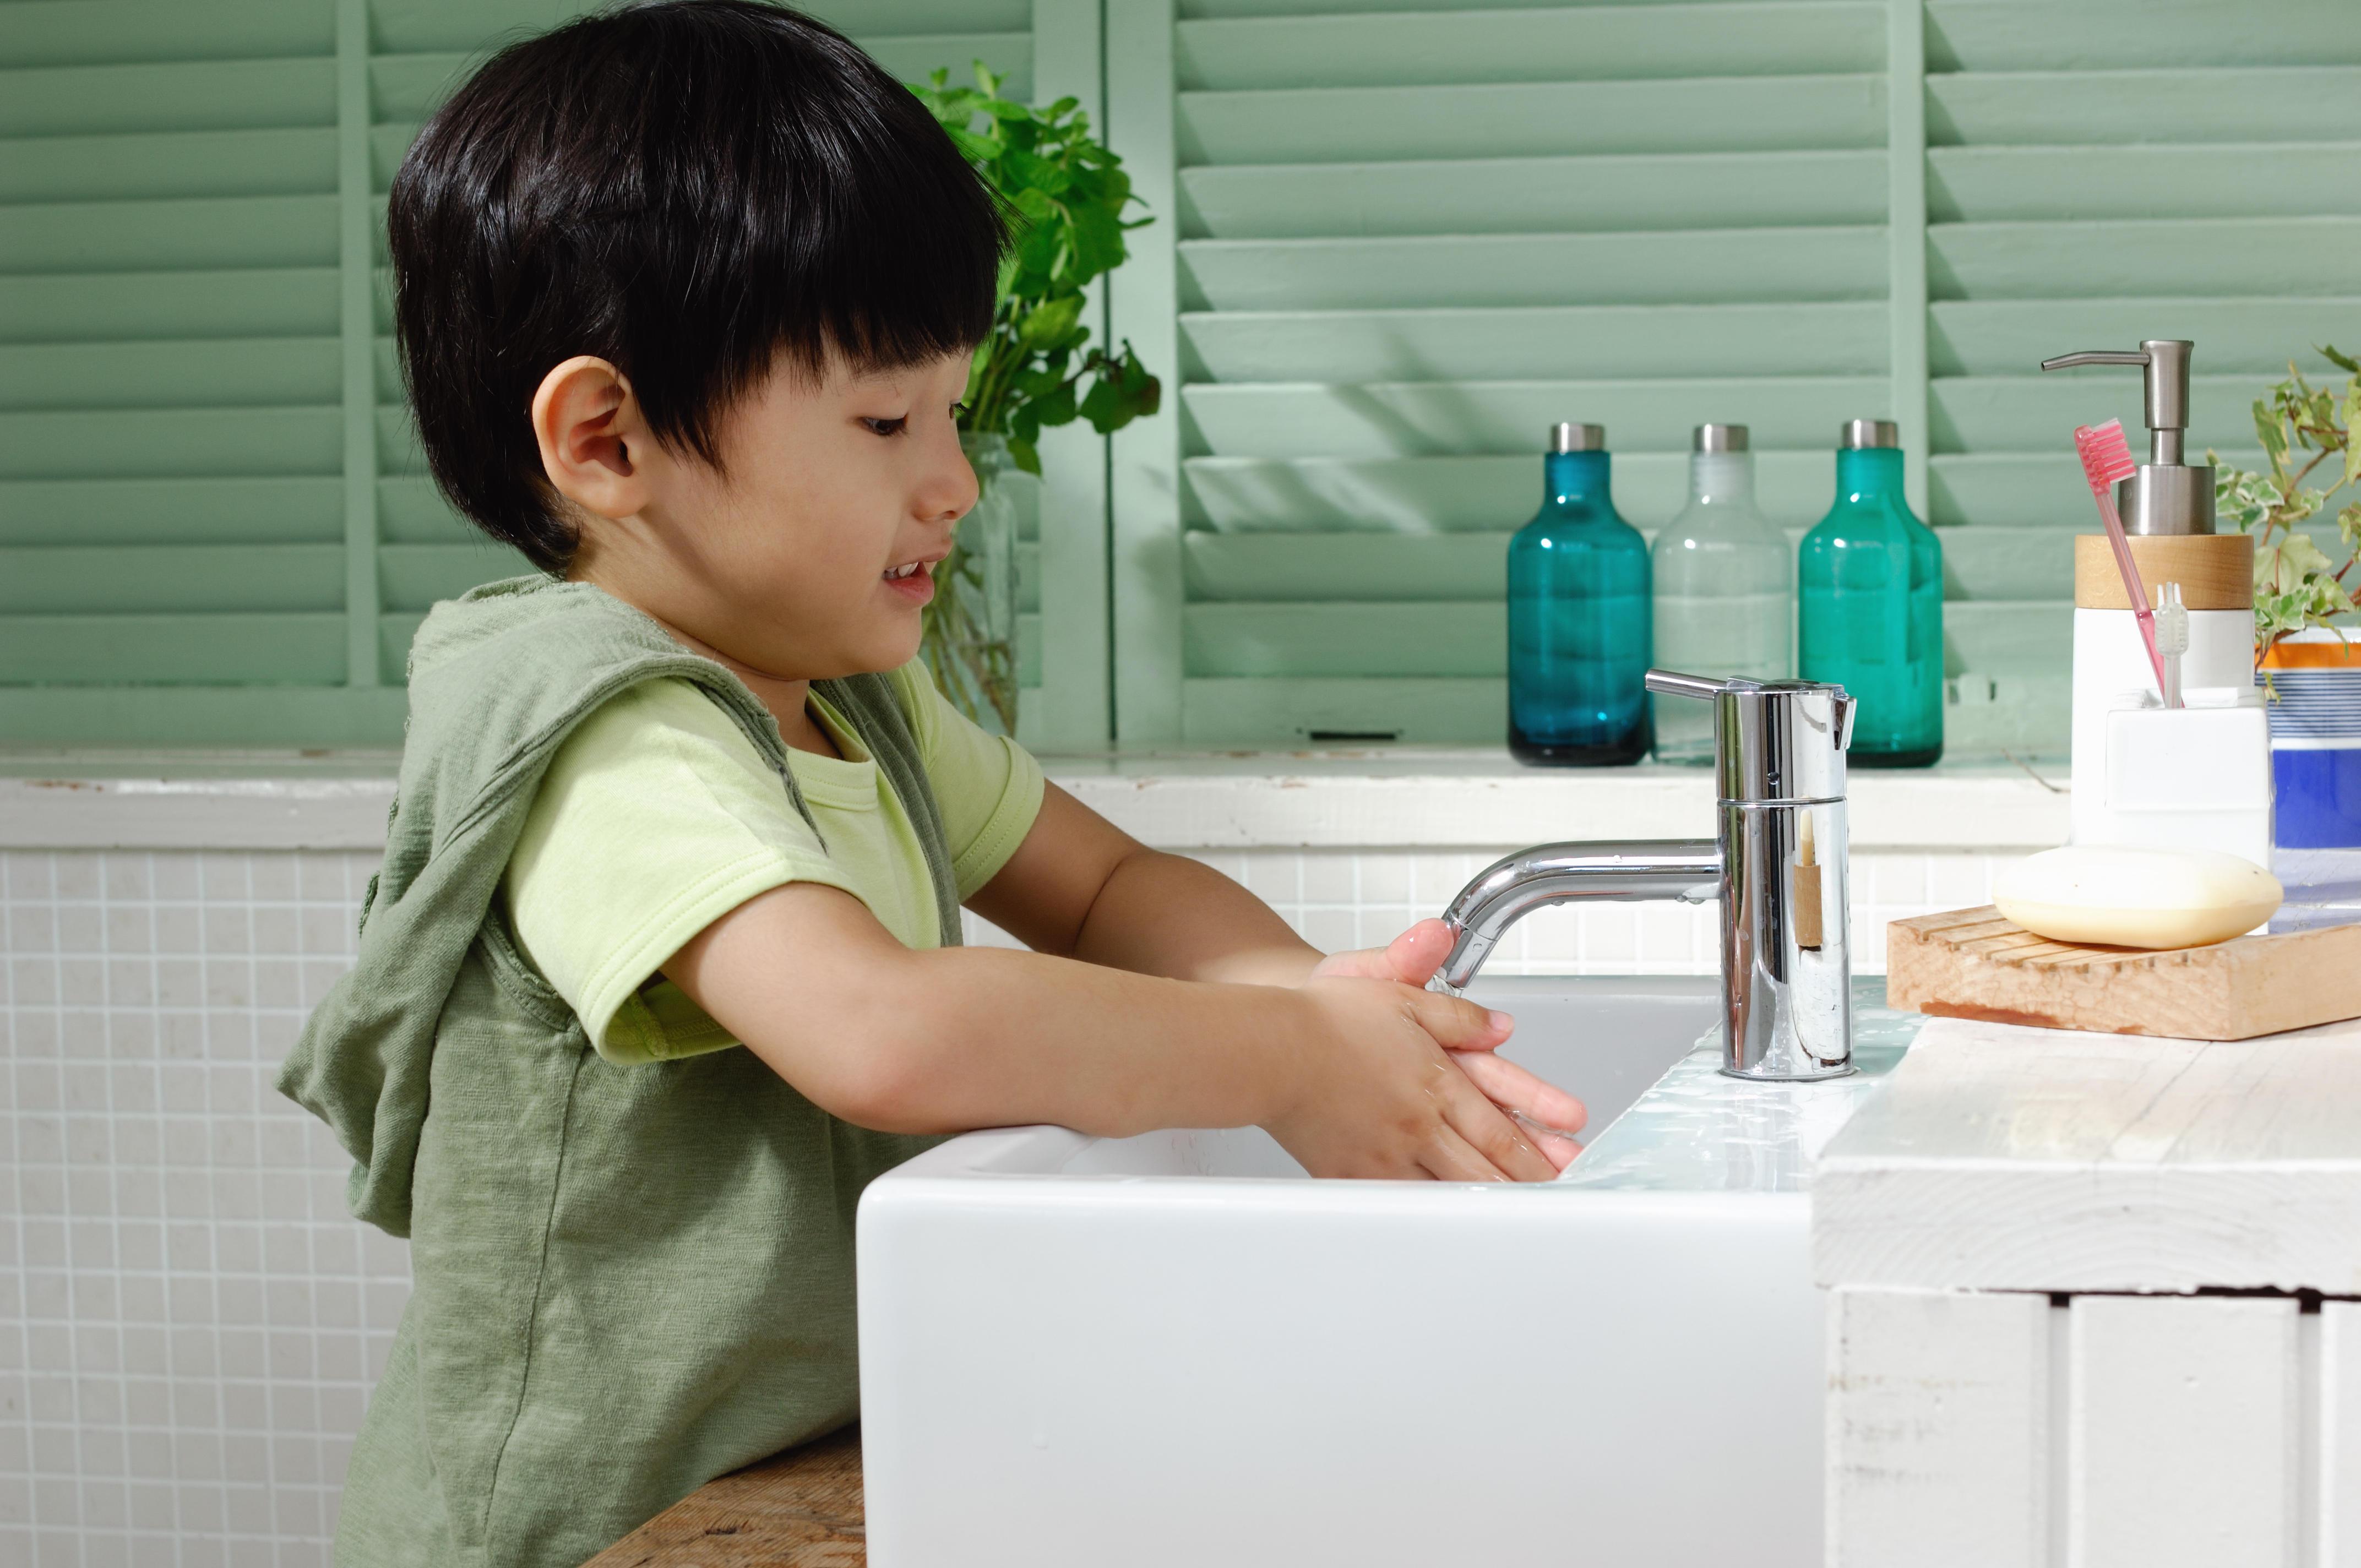 手洗い・消毒を毎日の習慣にしよう!